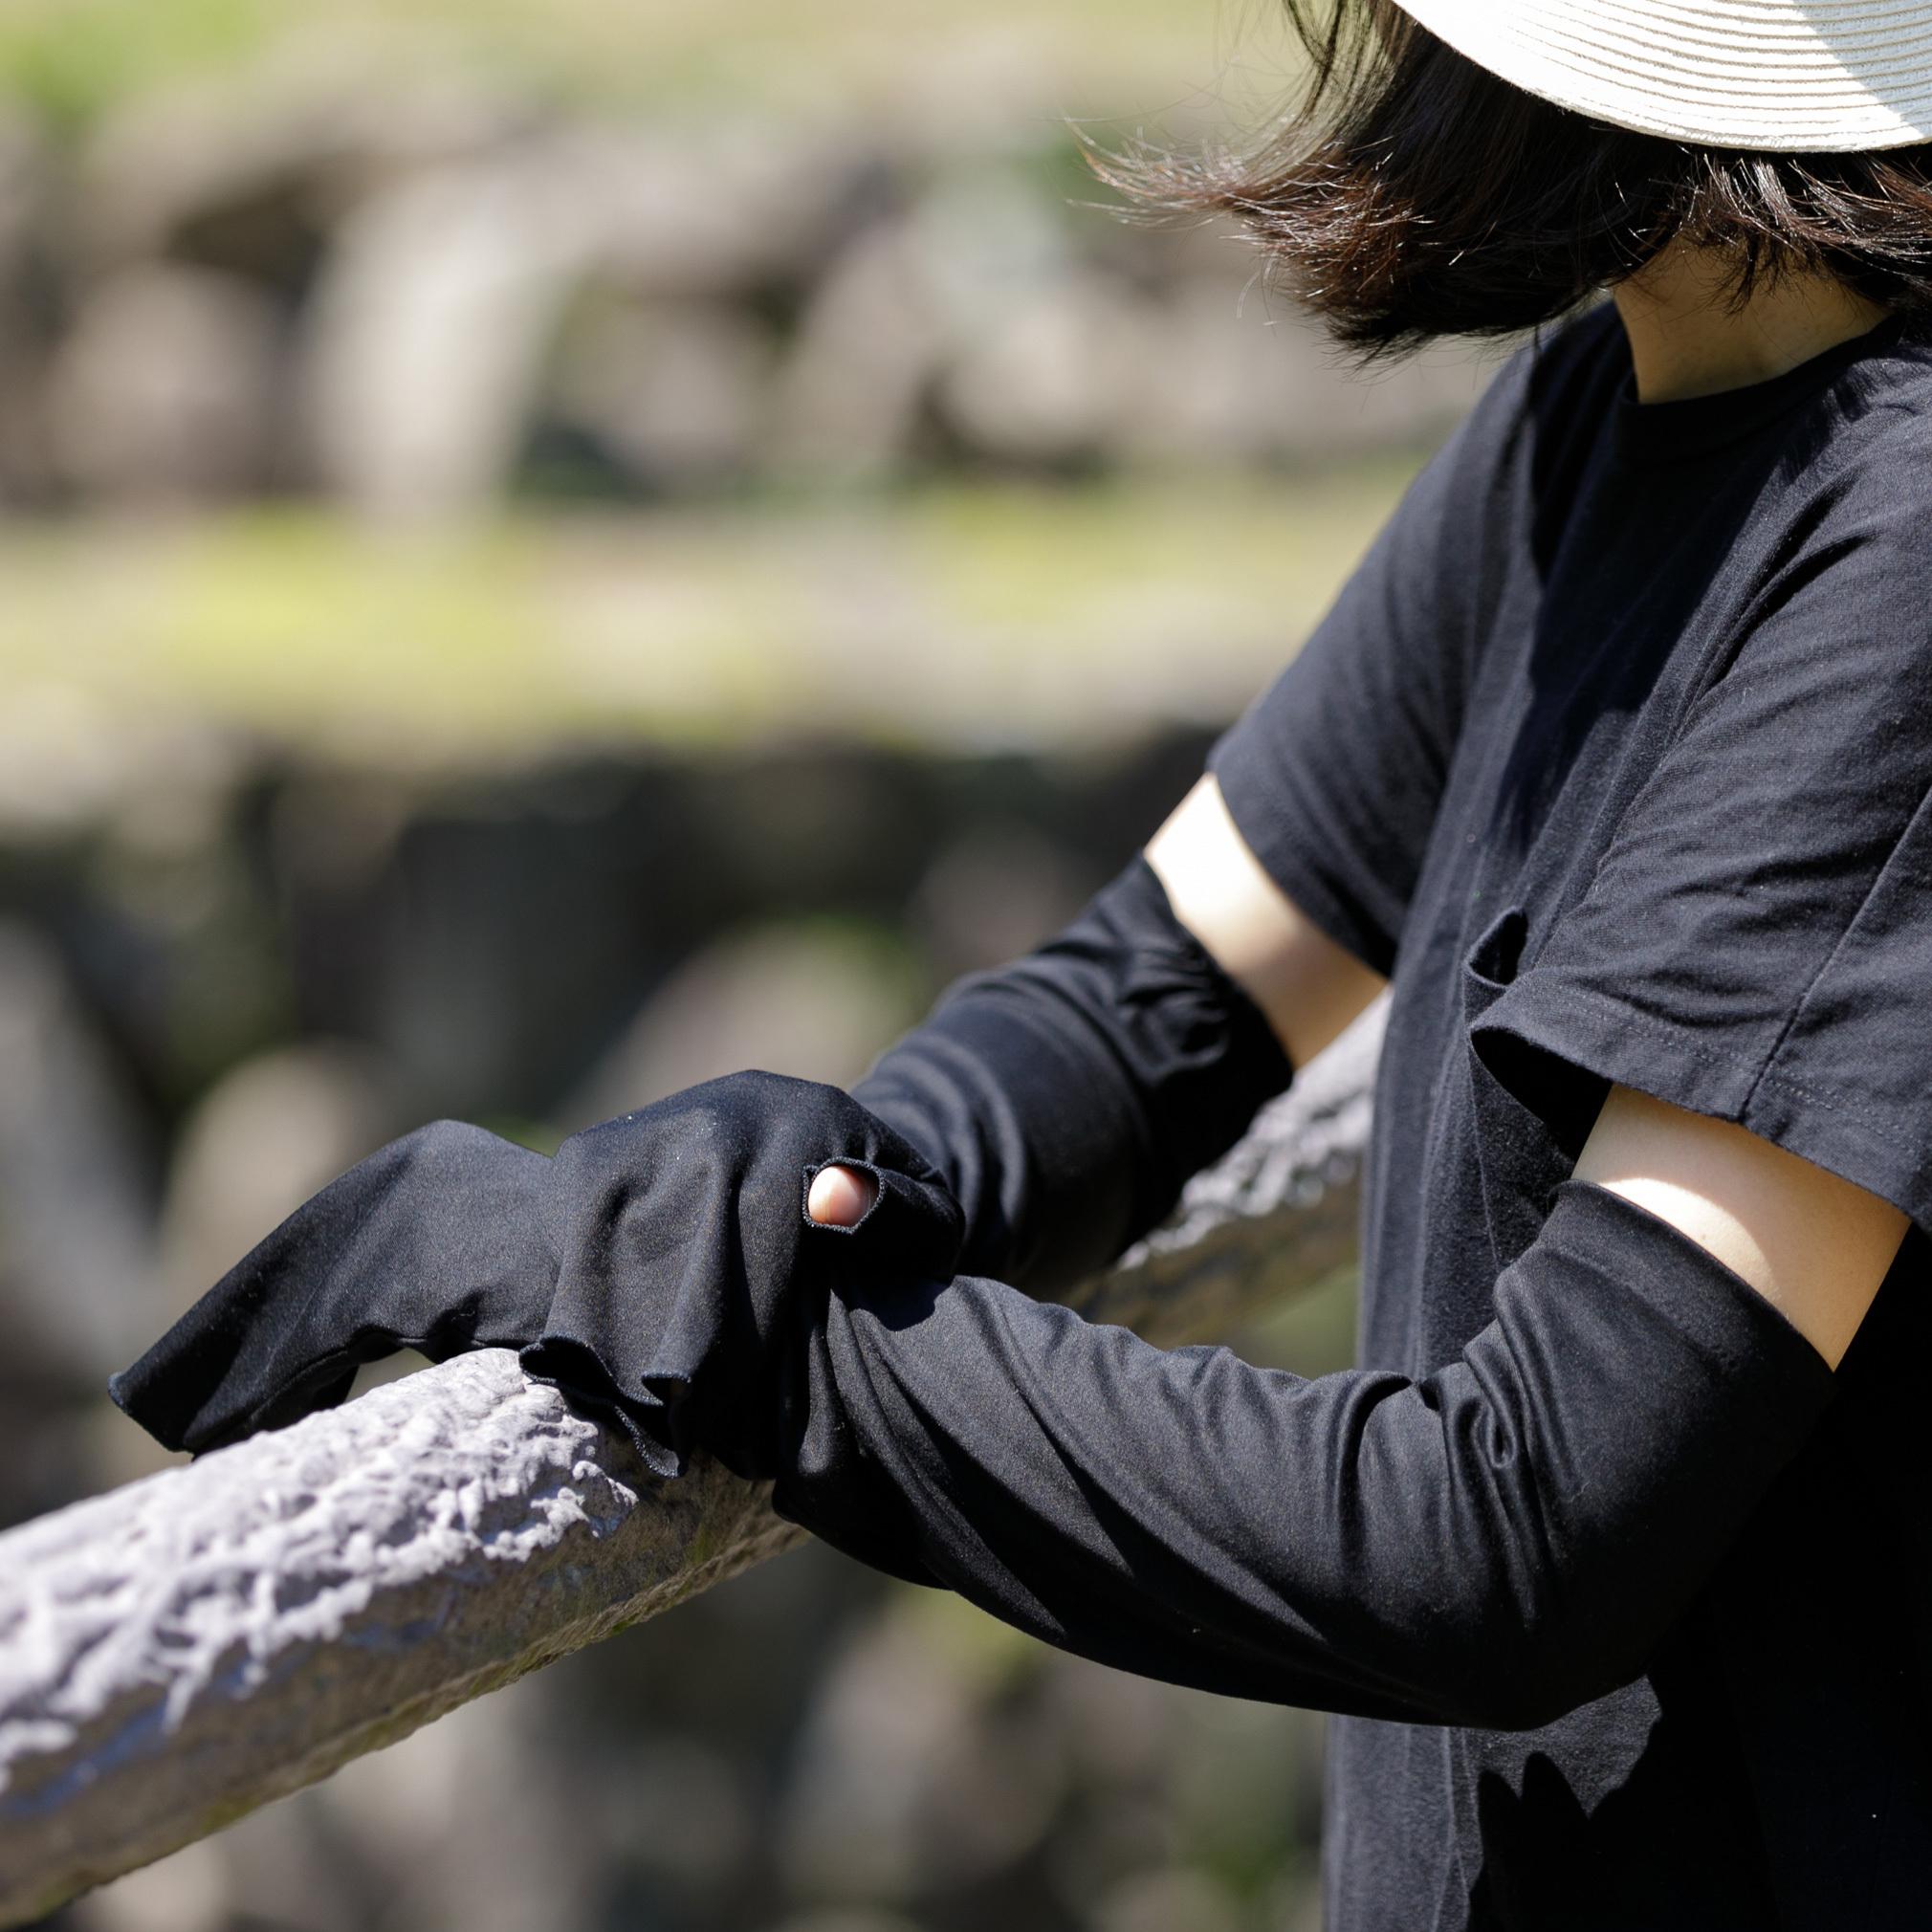 春のお出かけに、スベスベ素材が気持ち良いハンドソックスがオススメ!